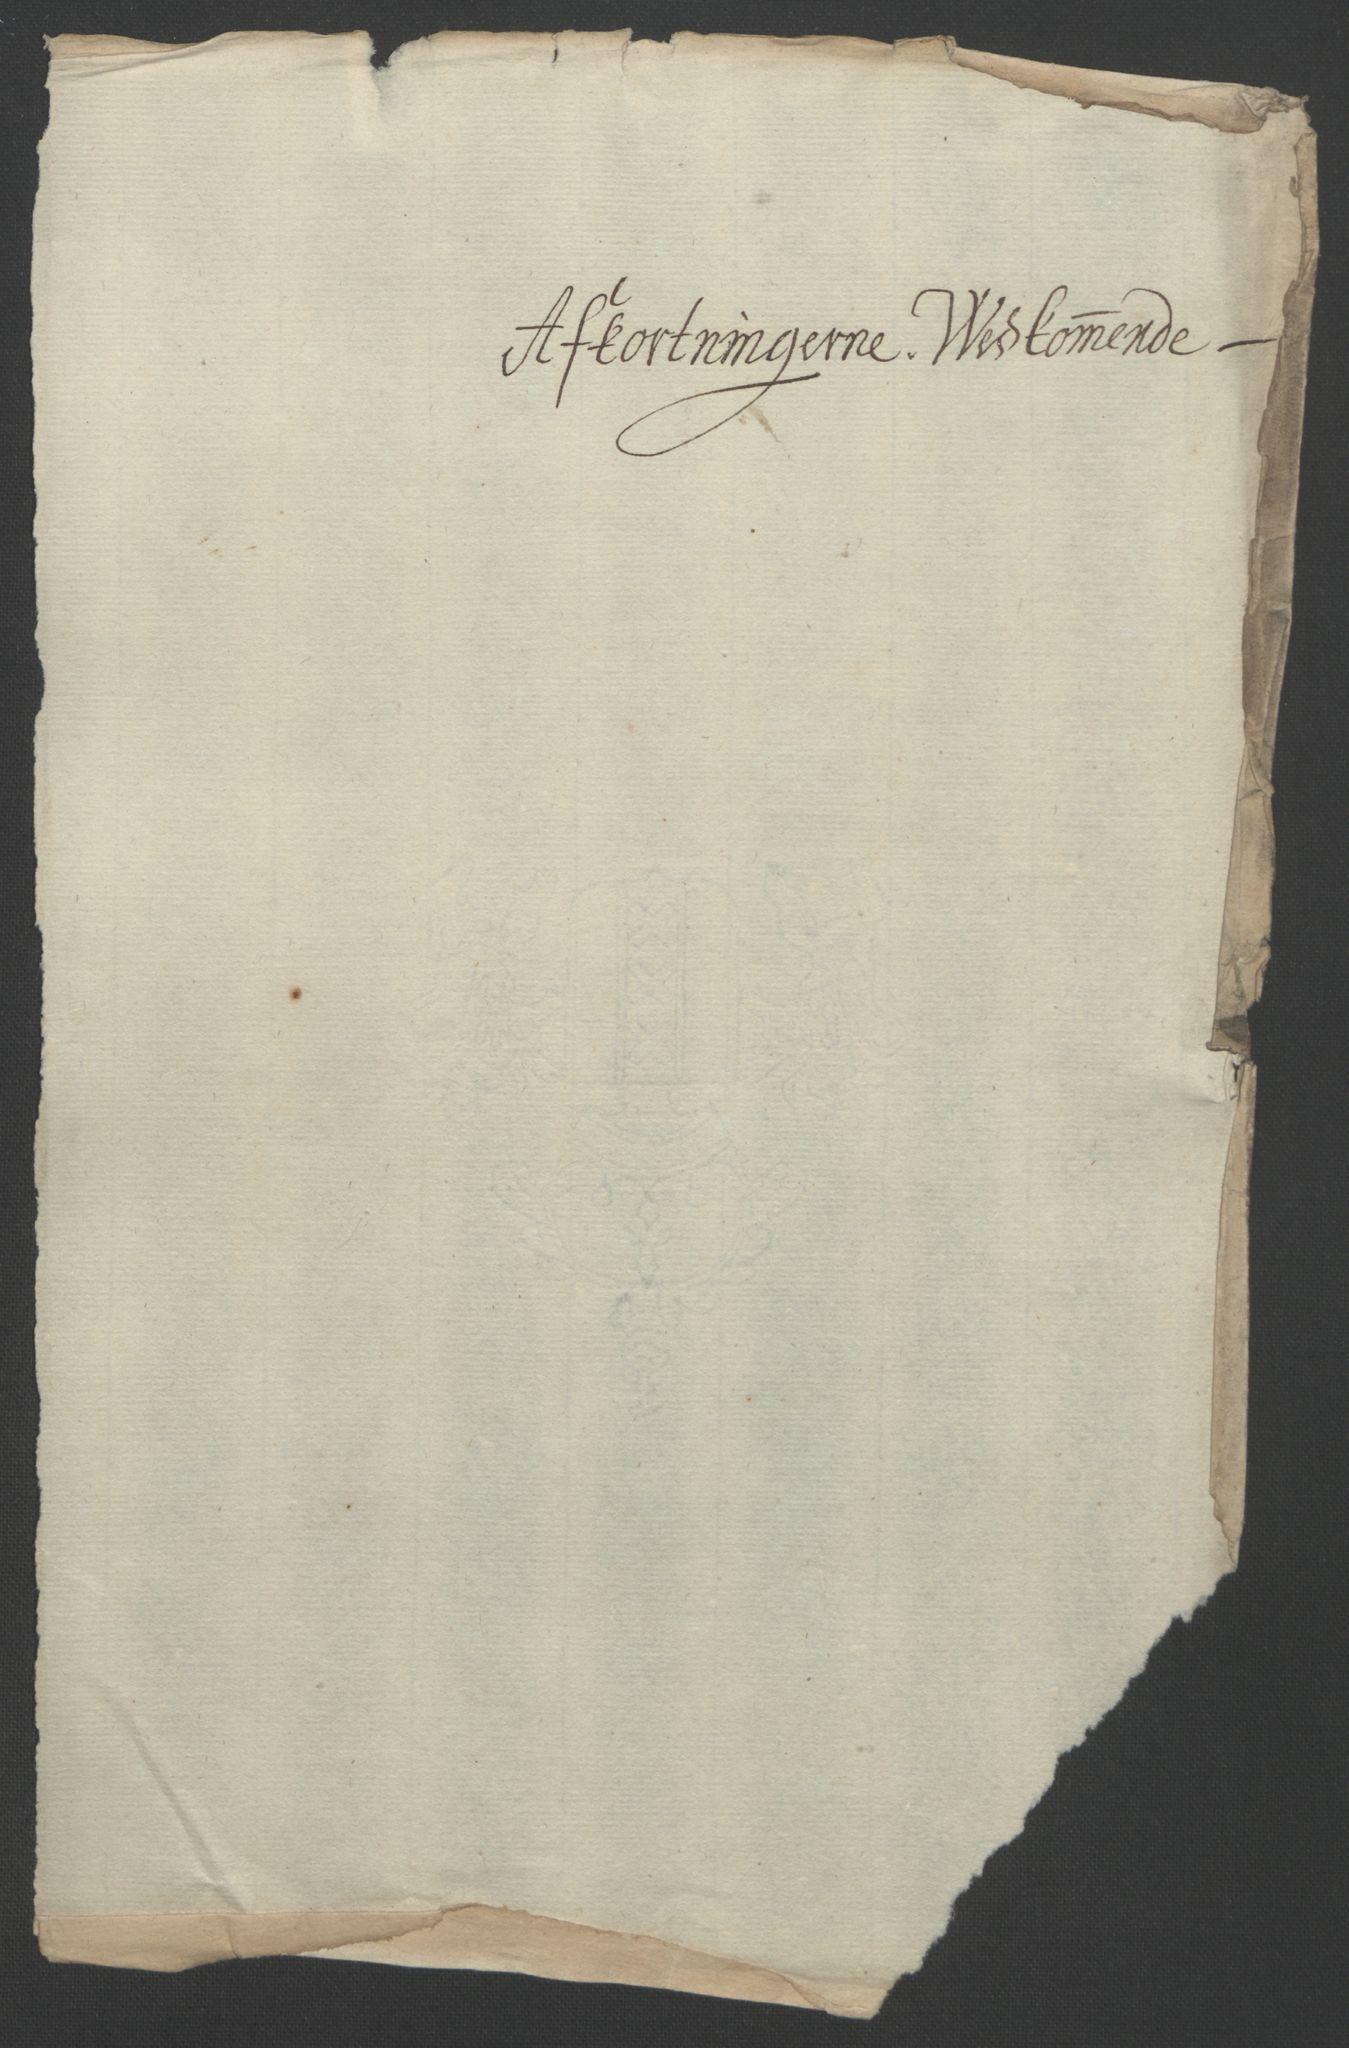 RA, Rentekammeret inntil 1814, Reviderte regnskaper, Fogderegnskap, R12/L0705: Fogderegnskap Øvre Romerike, 1693, s. 246